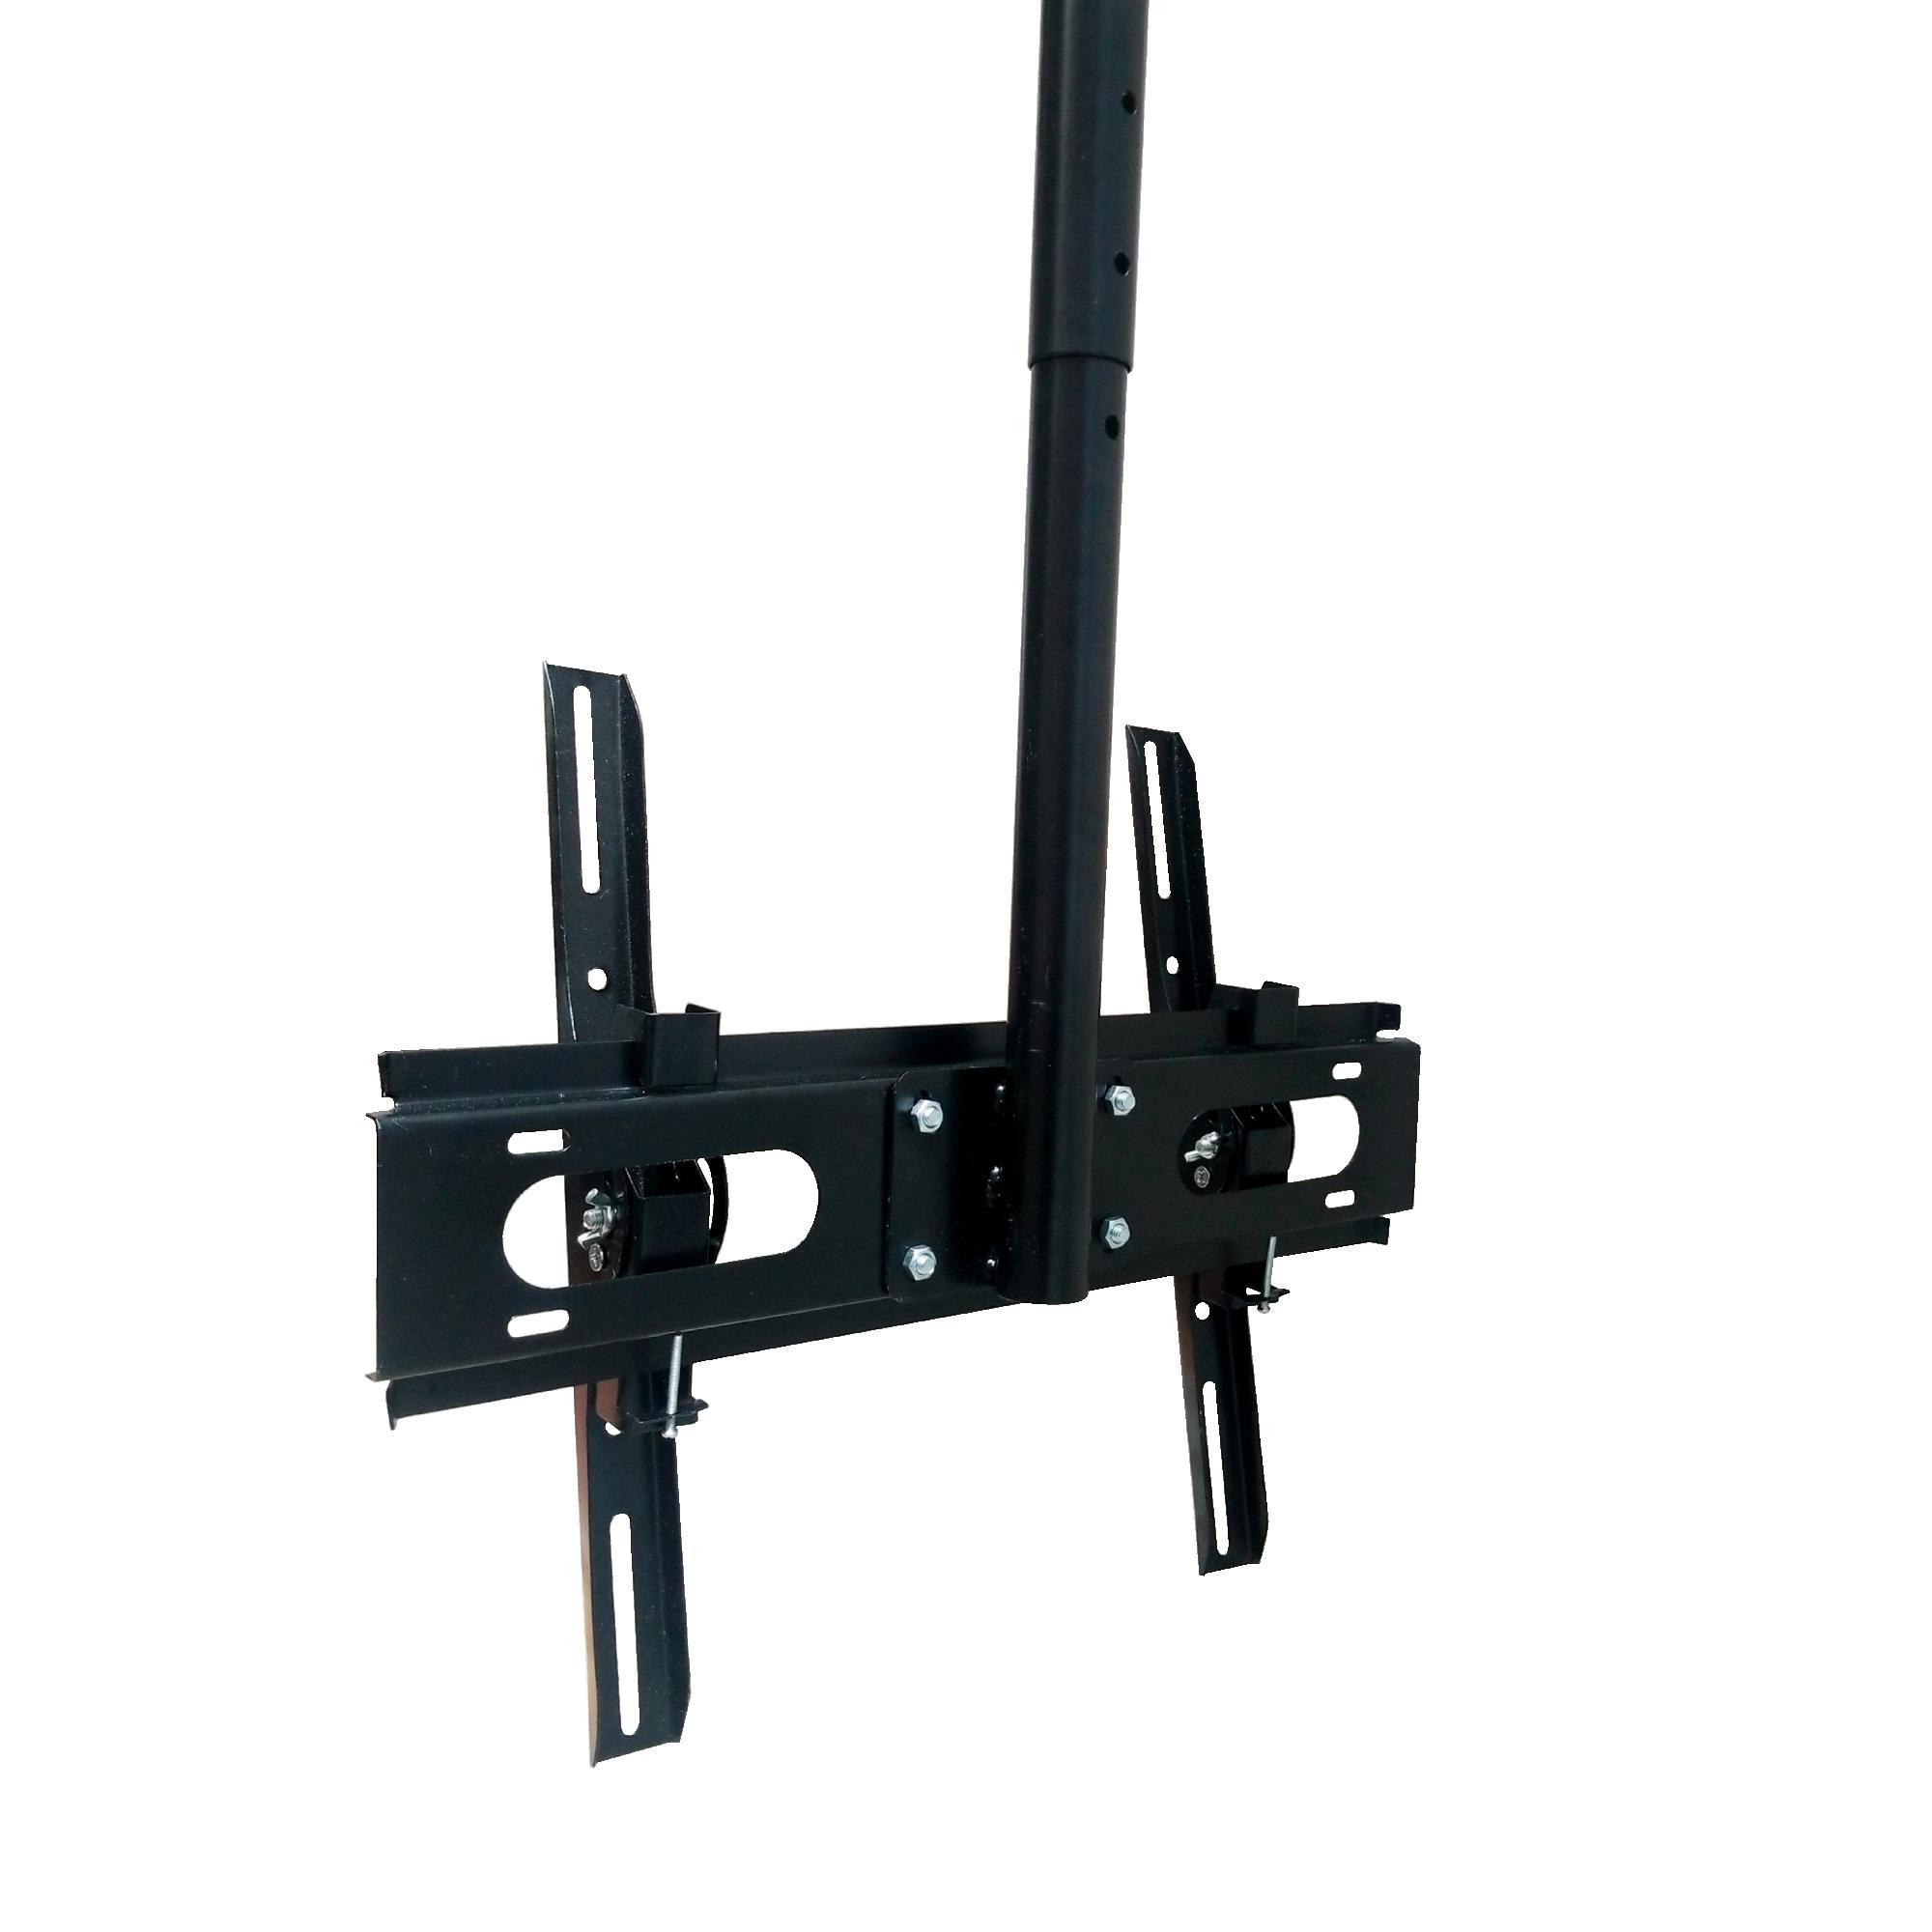 Giá treo tivi thả trần cho Tivi từ 32 đến 65 inch